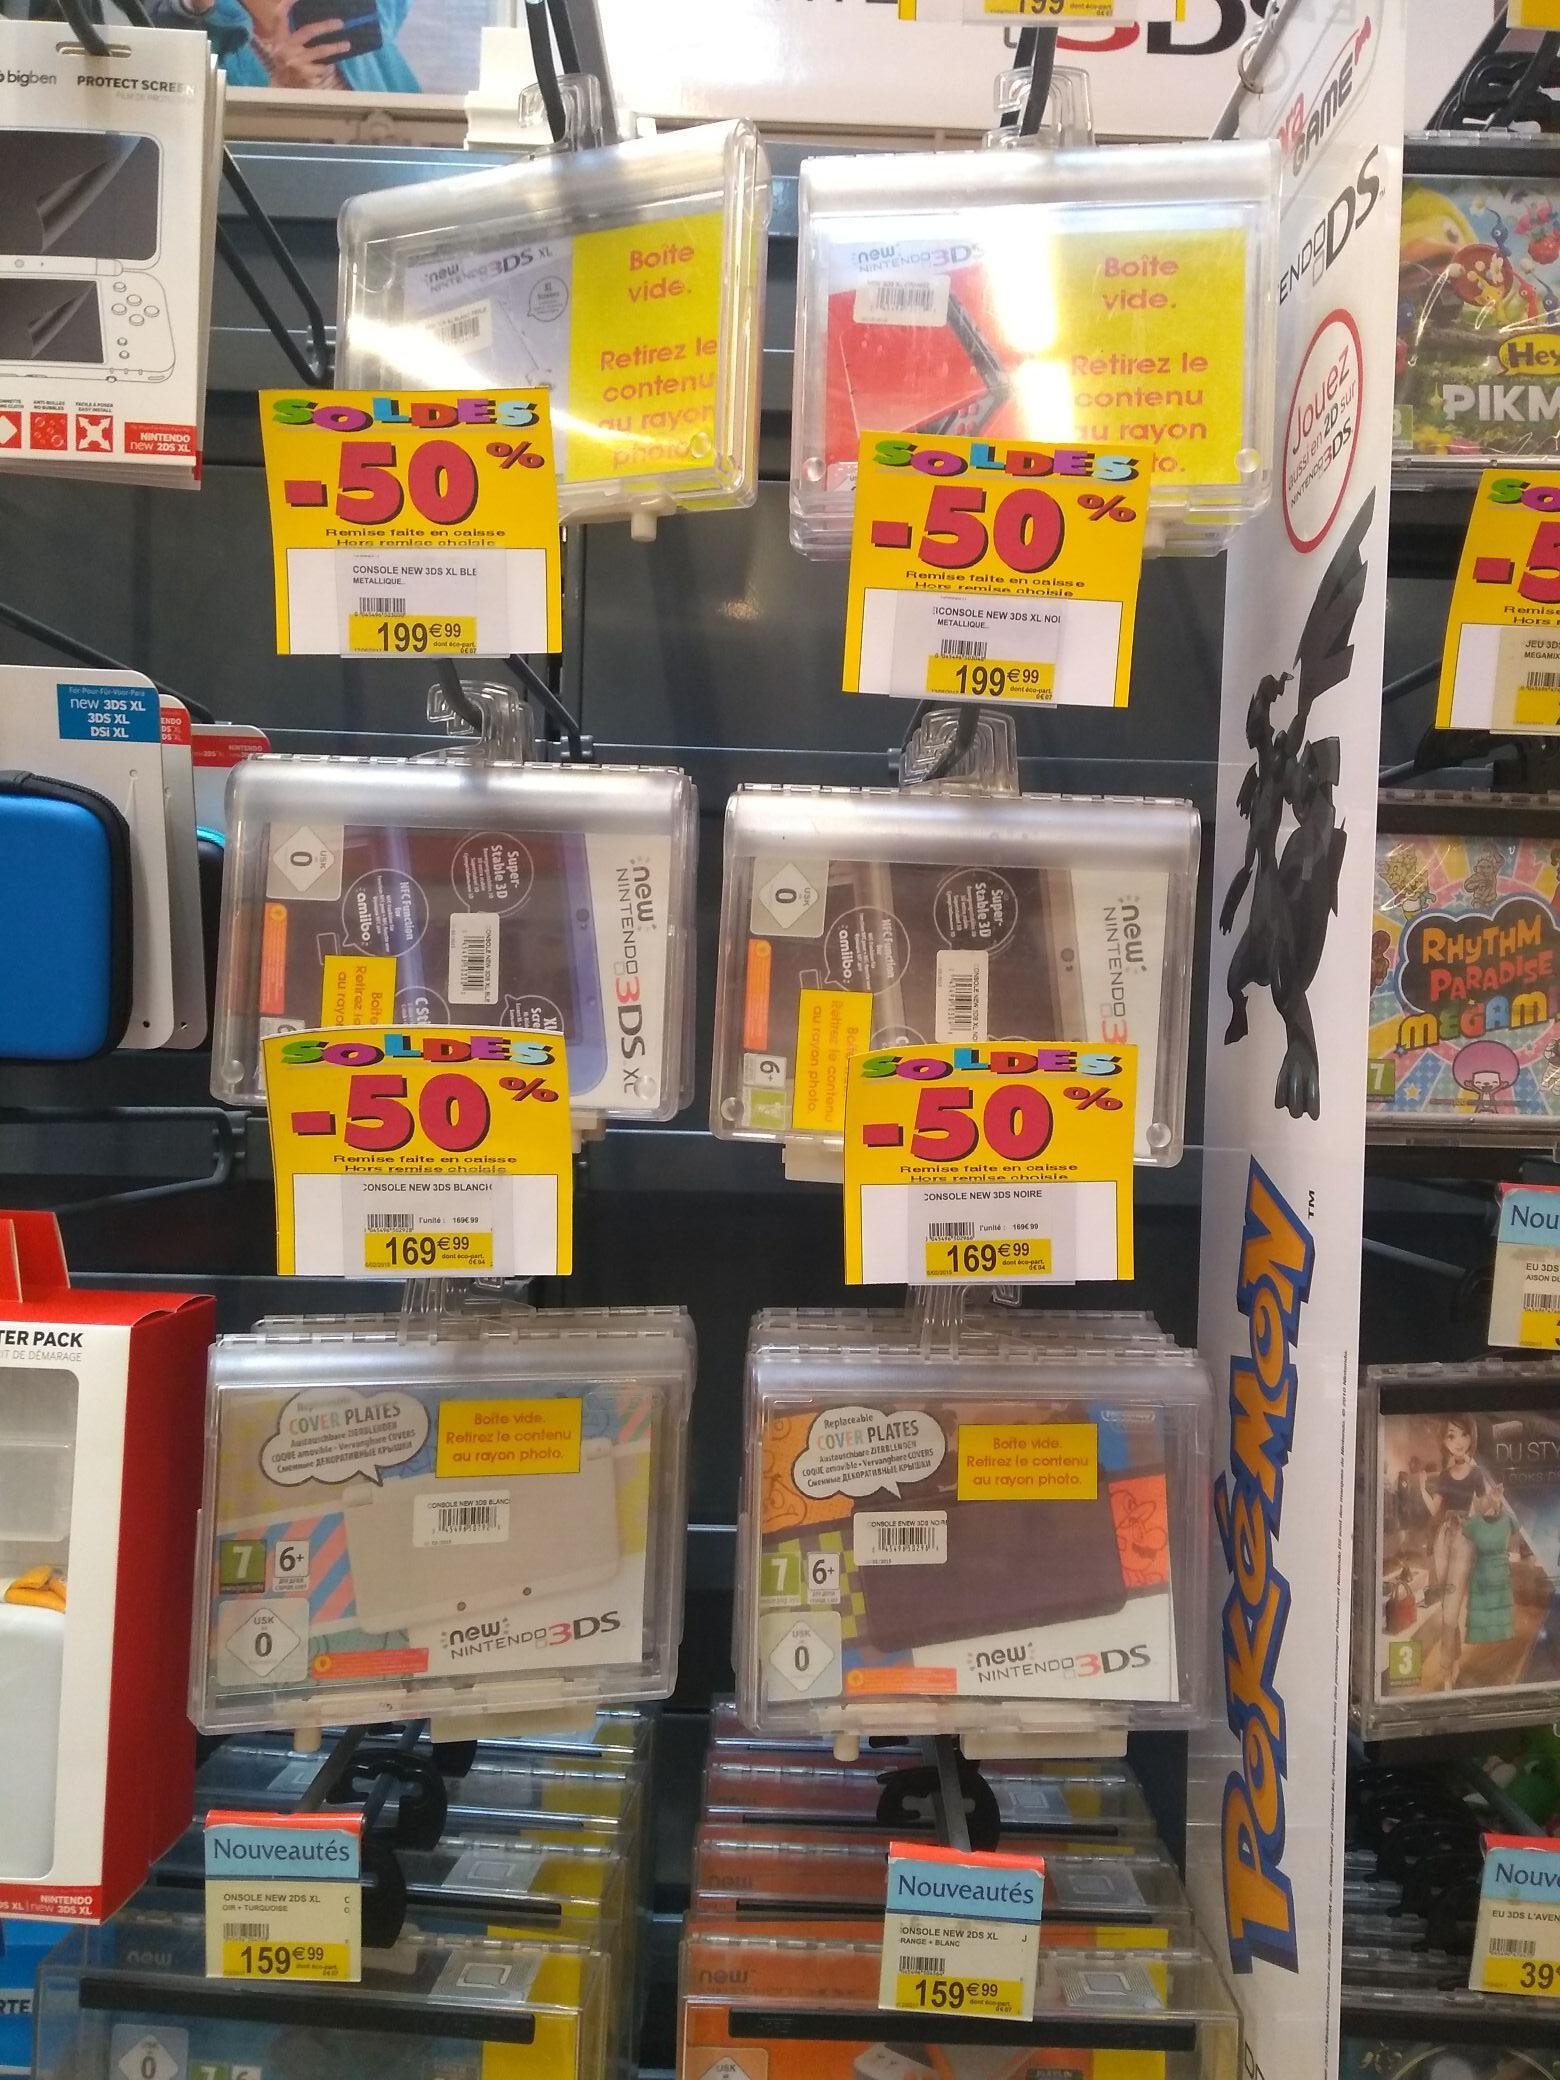 Console Nintendo new 3DS à 85€ et New 3DS XL à 100€ - Vesoul (70)